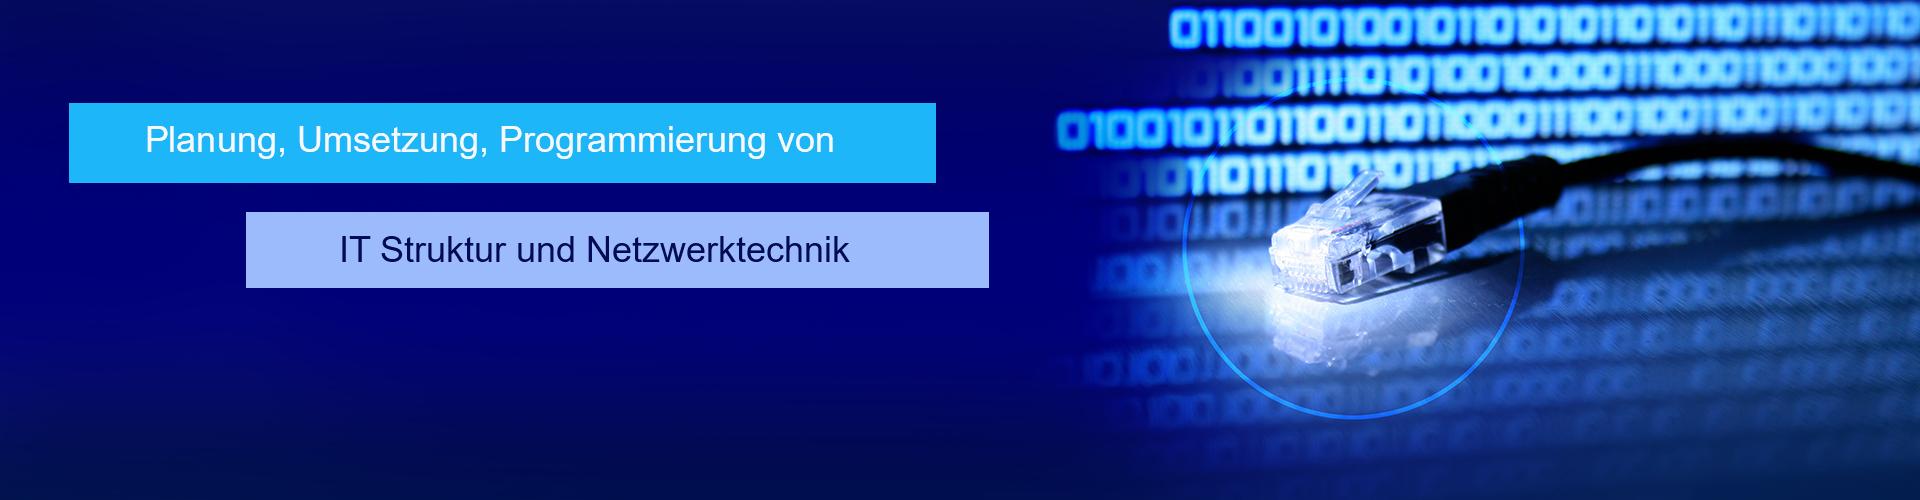 Planung und Umsetzung von Netzwerktechnik